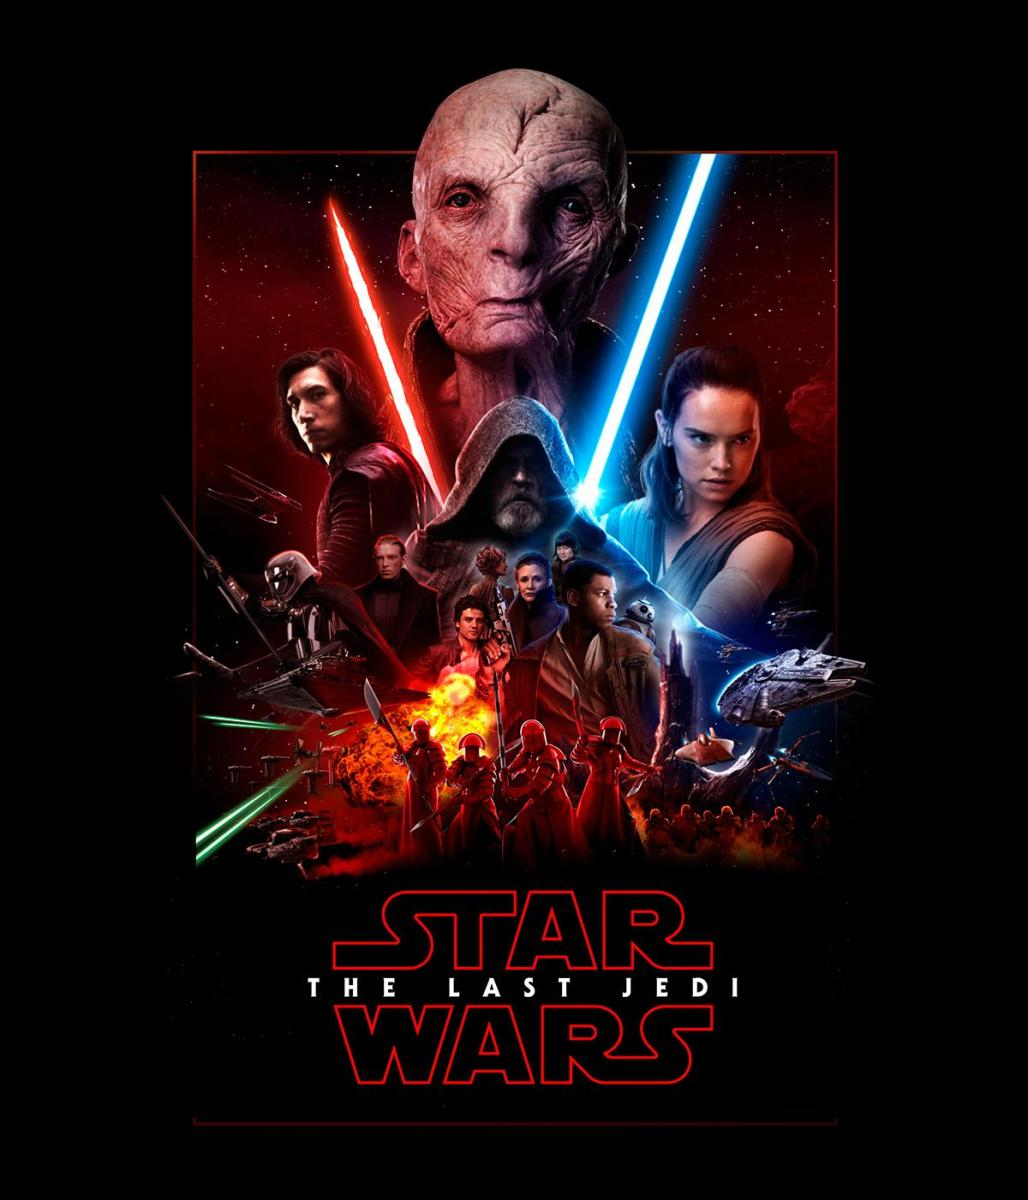 Movie Discussion: Star Wars Episode 8 The Last Jedi